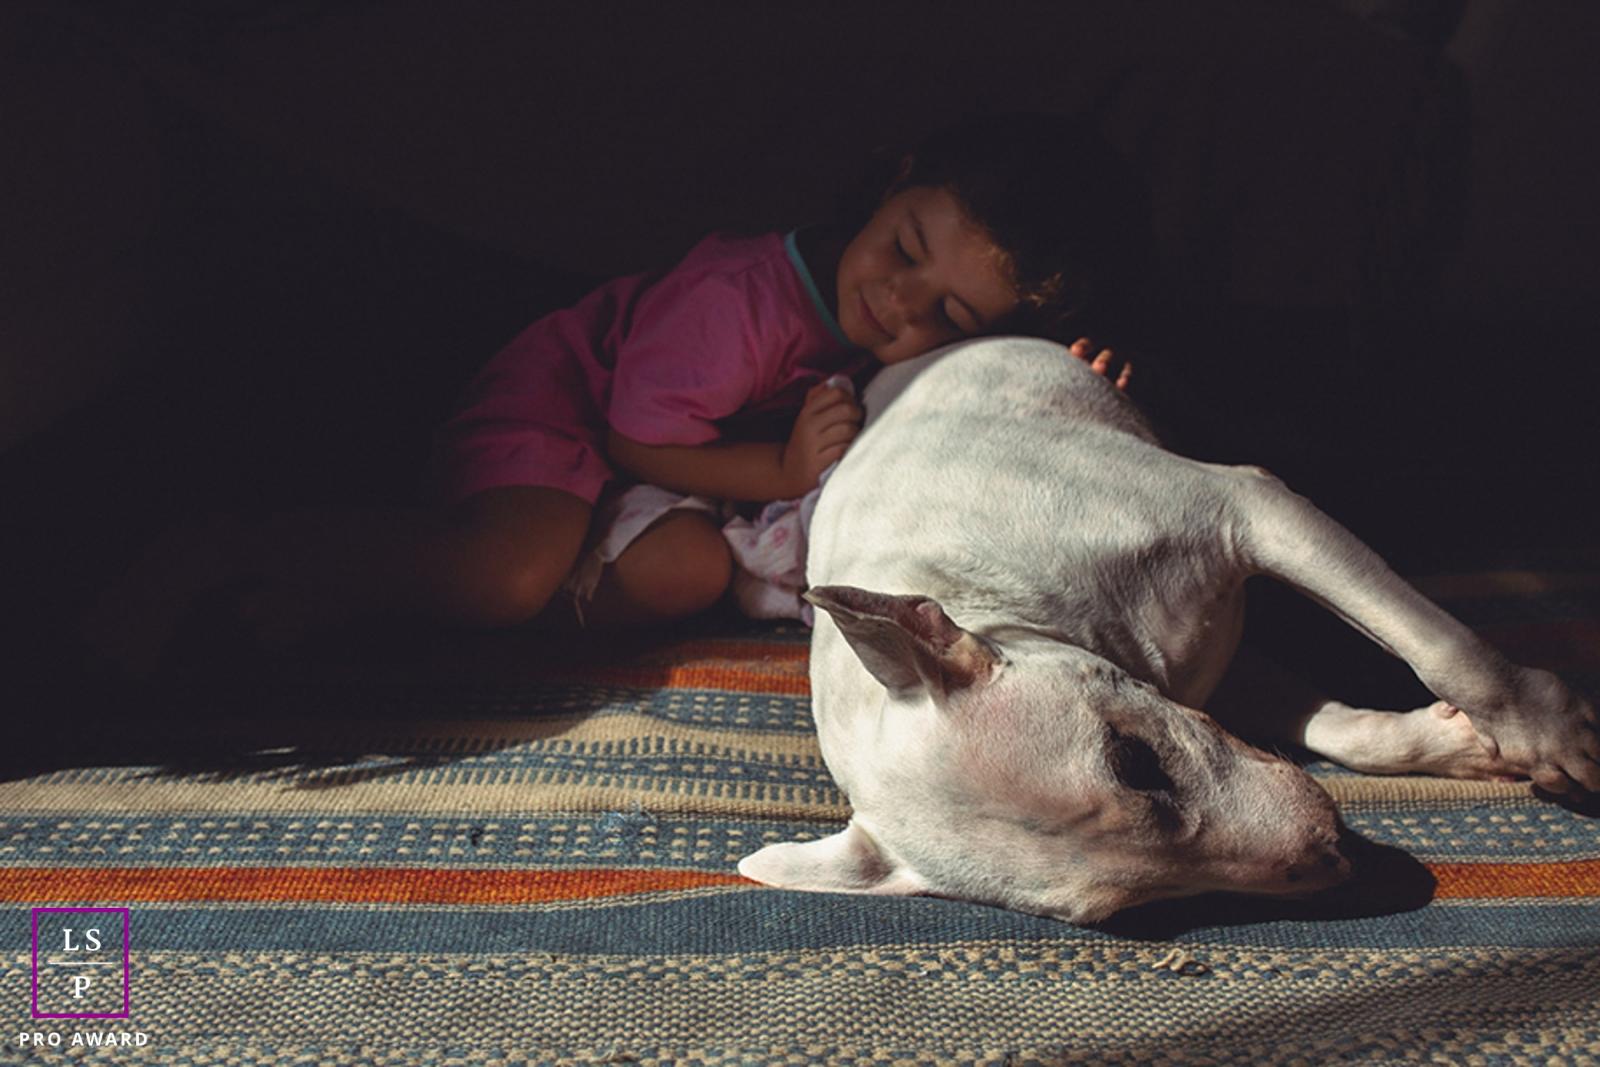 Luciana Nascimento Martins is a lifestyle photographer from Rio Grande do Sul